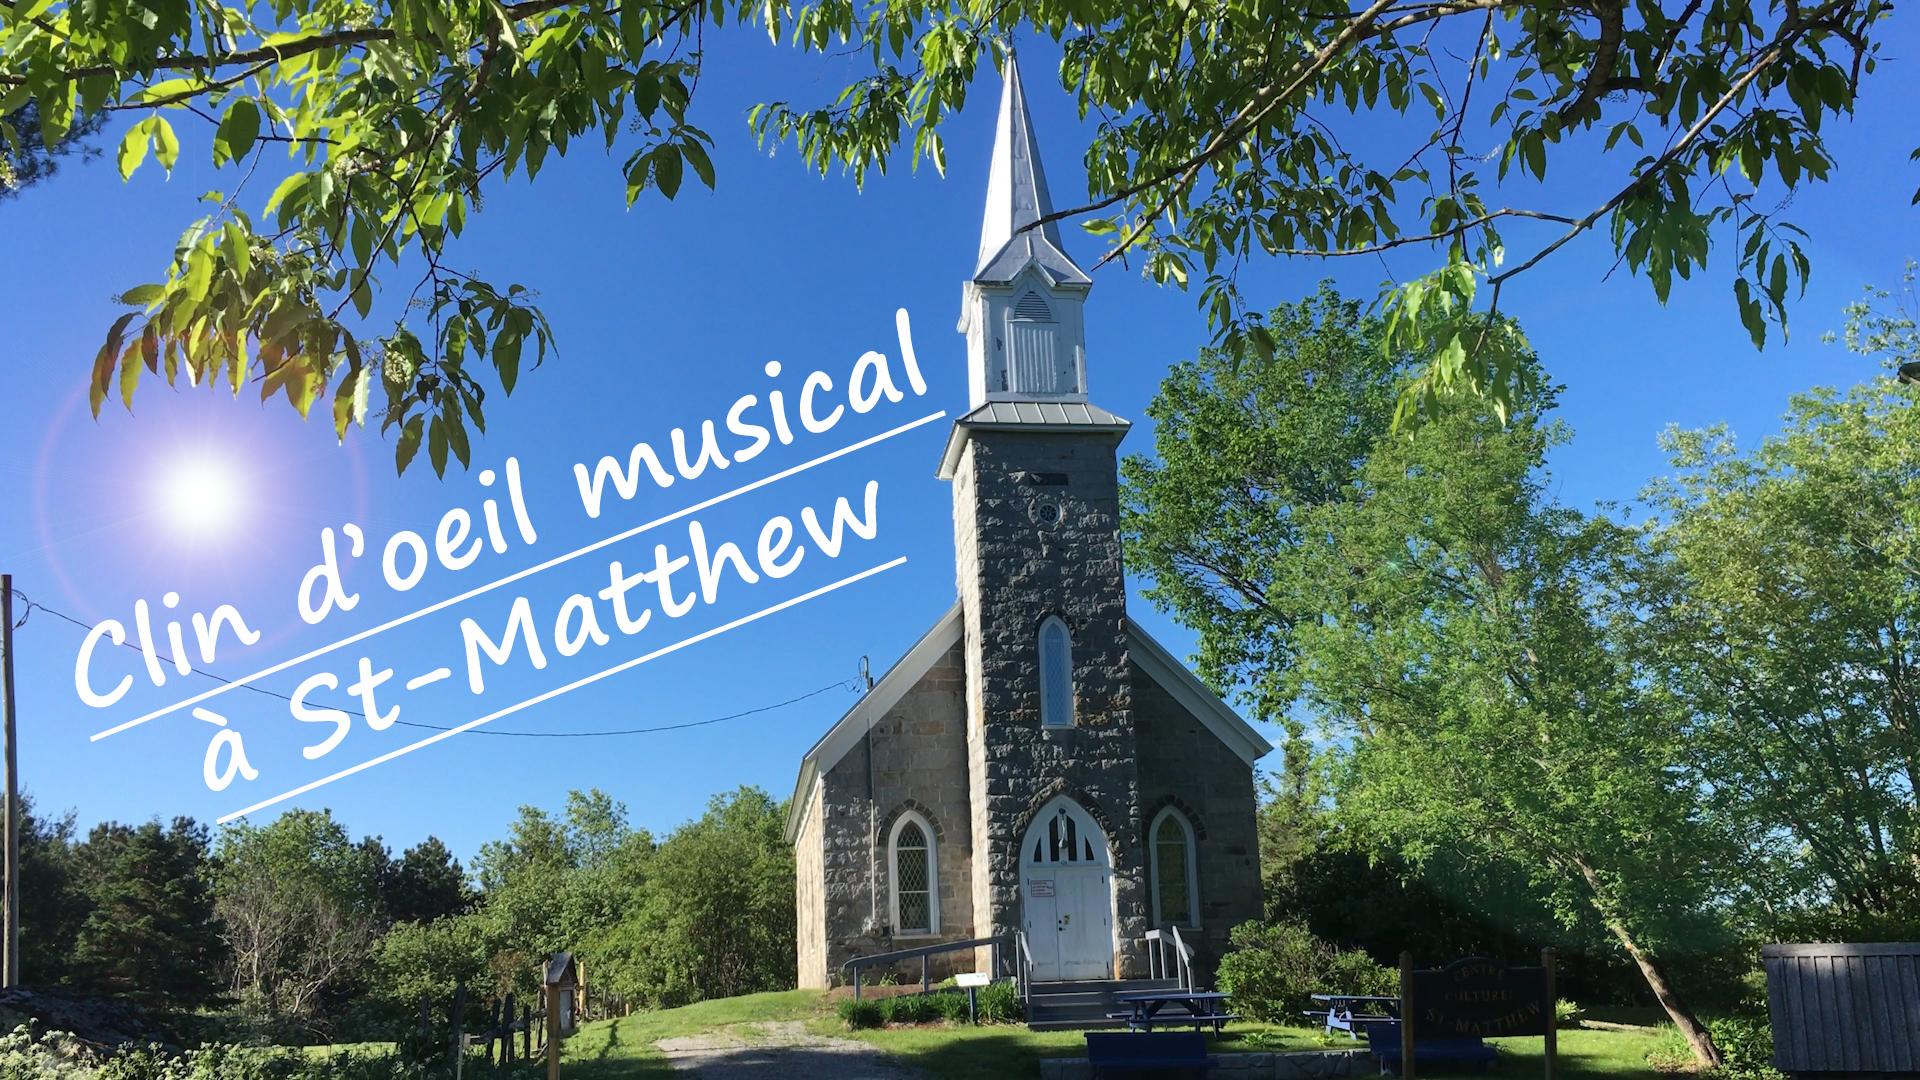 Clin d'oeil musical à St-Matthew